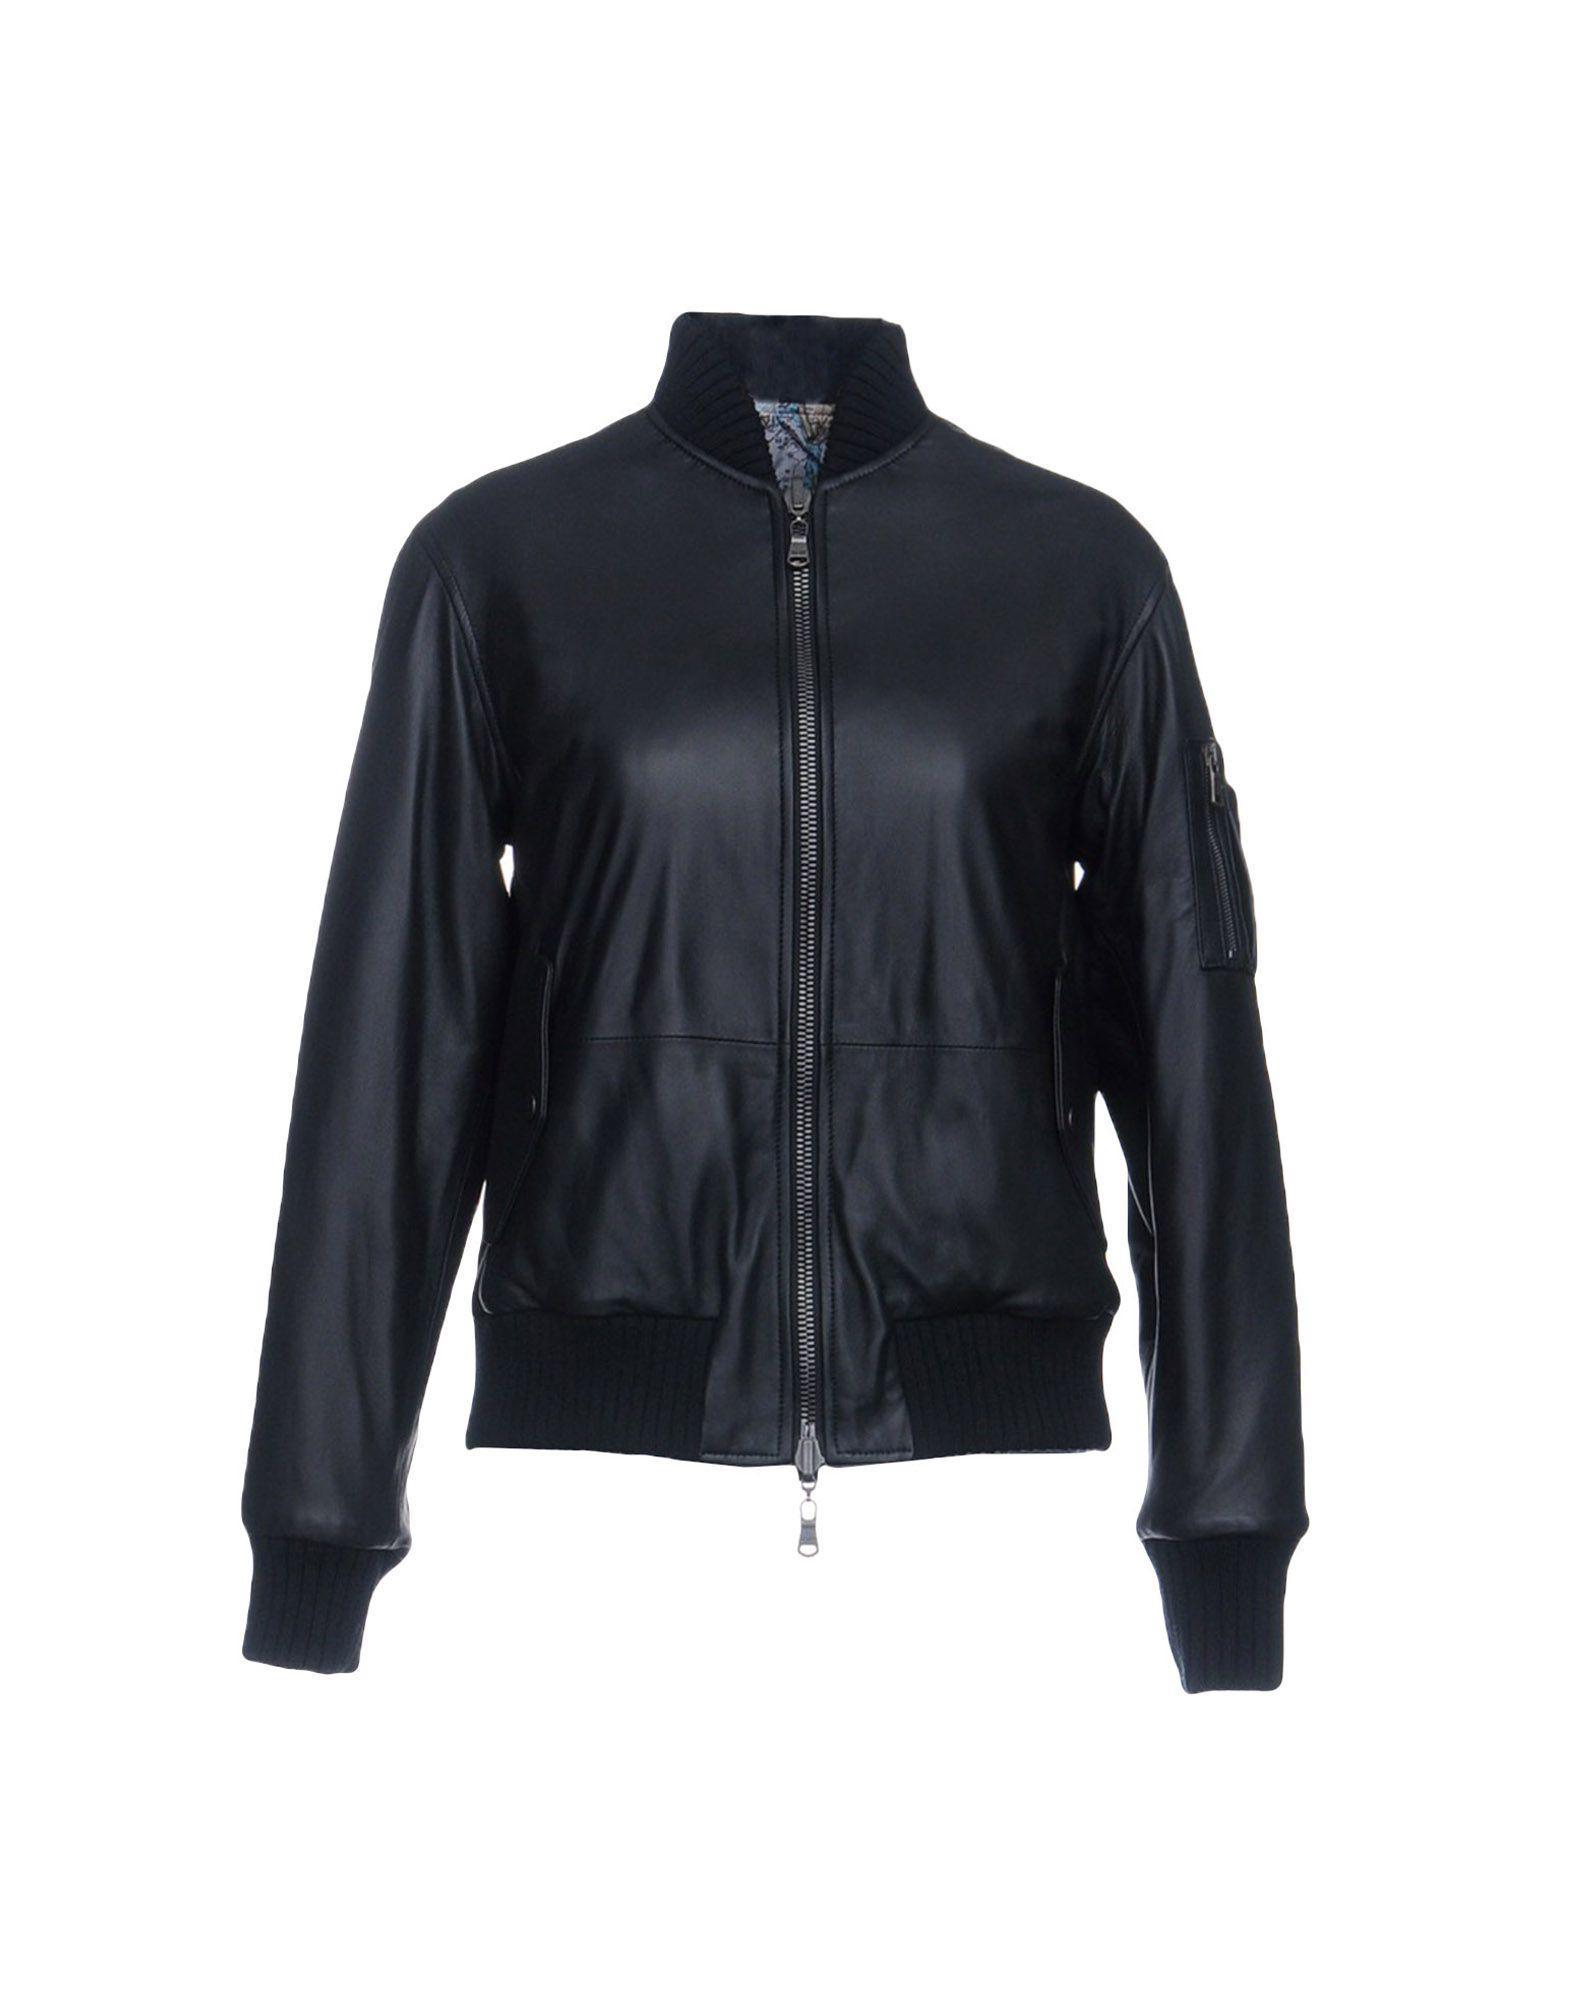 Pihakapi Jackets In Black